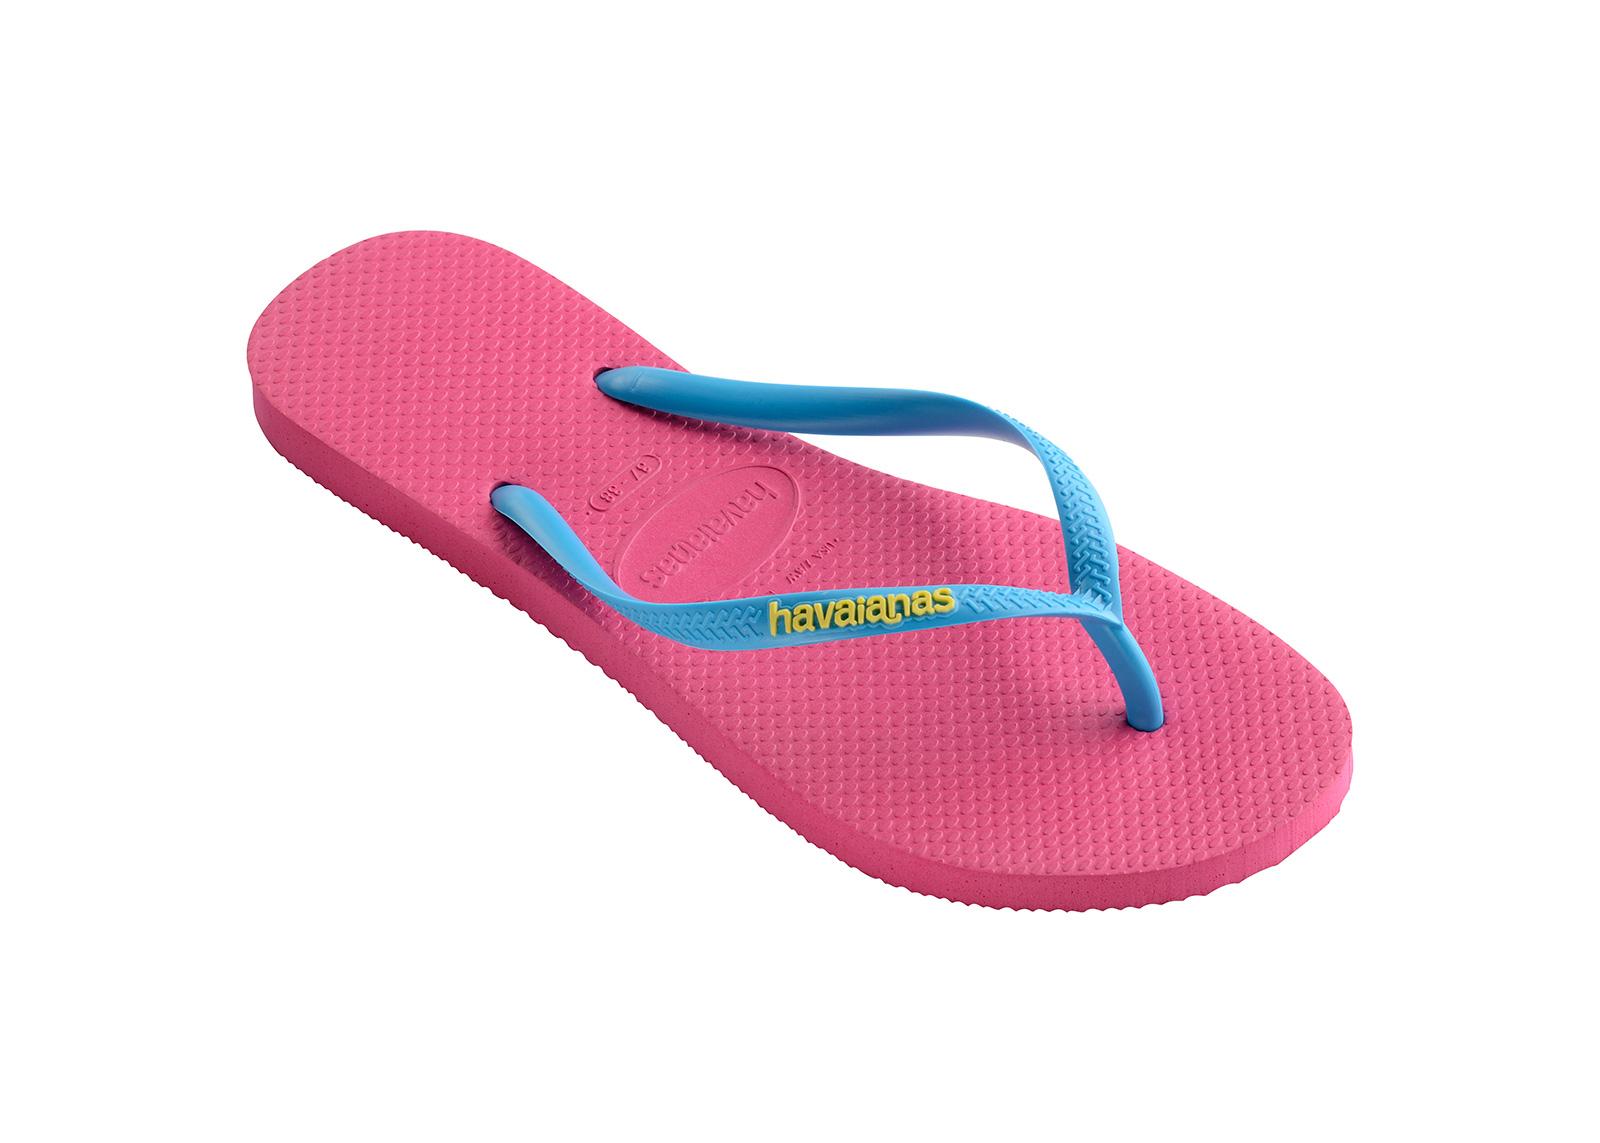 Havaianas Pink Flip Flops - Havaianas Slim Logo Orchid ...